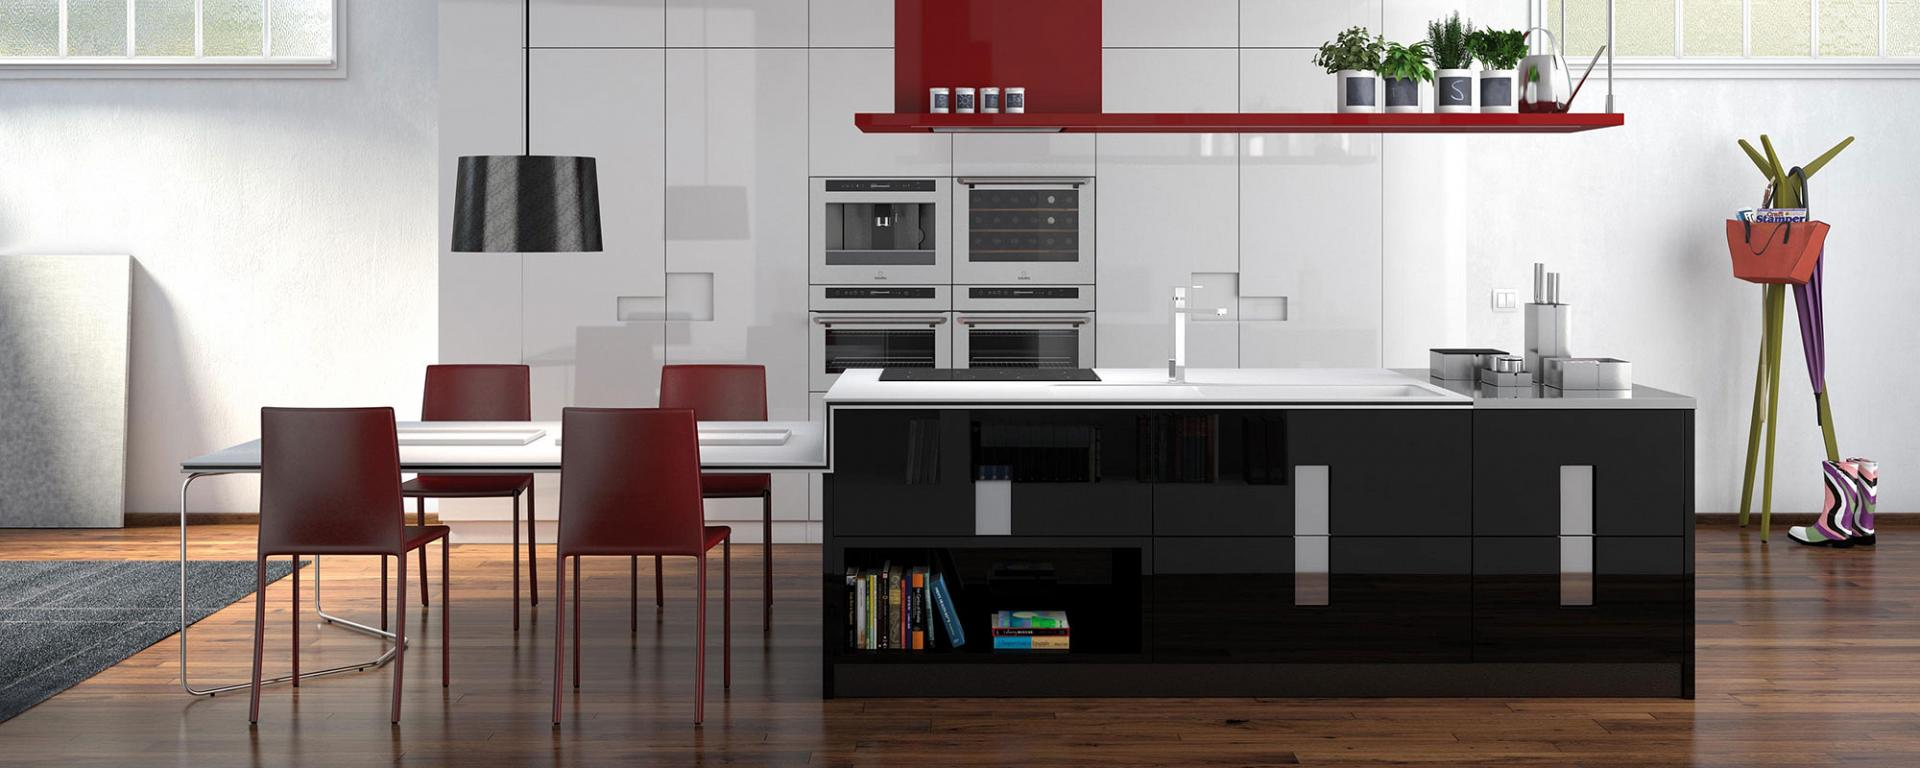 Realizzazione di cucine ed arredamento su misura